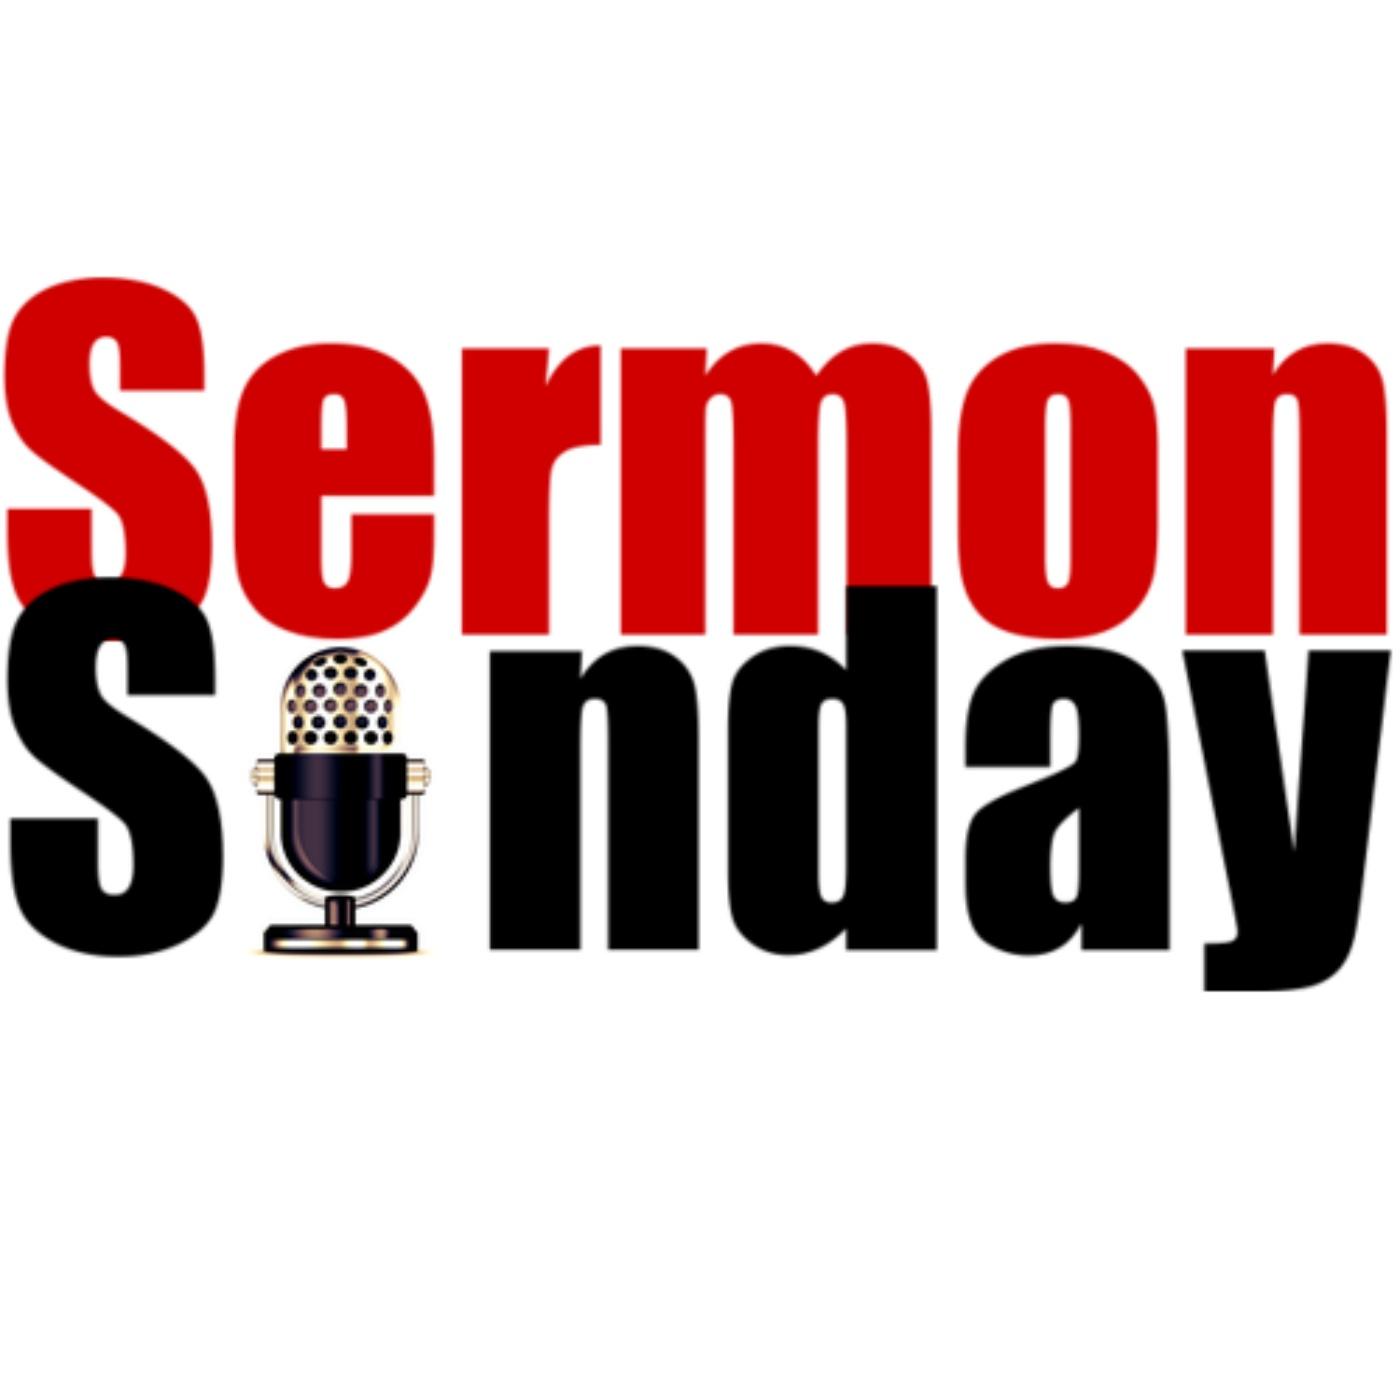 SermonSunday